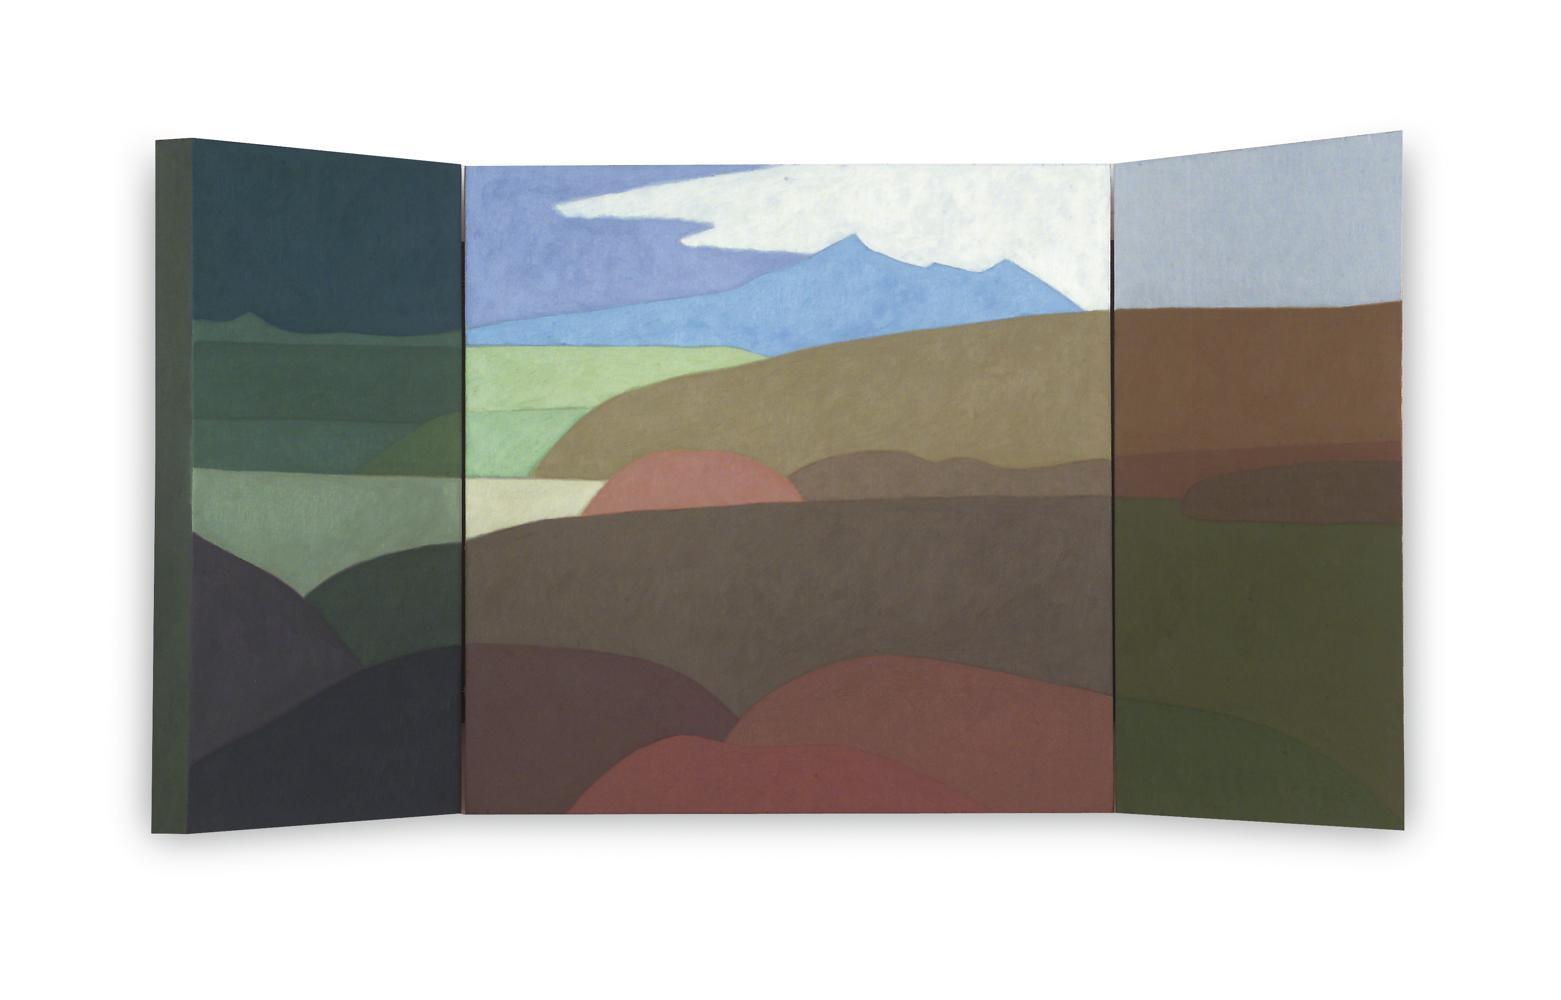 Larún (Tríptico), 40 x 80 cm, óleo sobre madera, 2004.